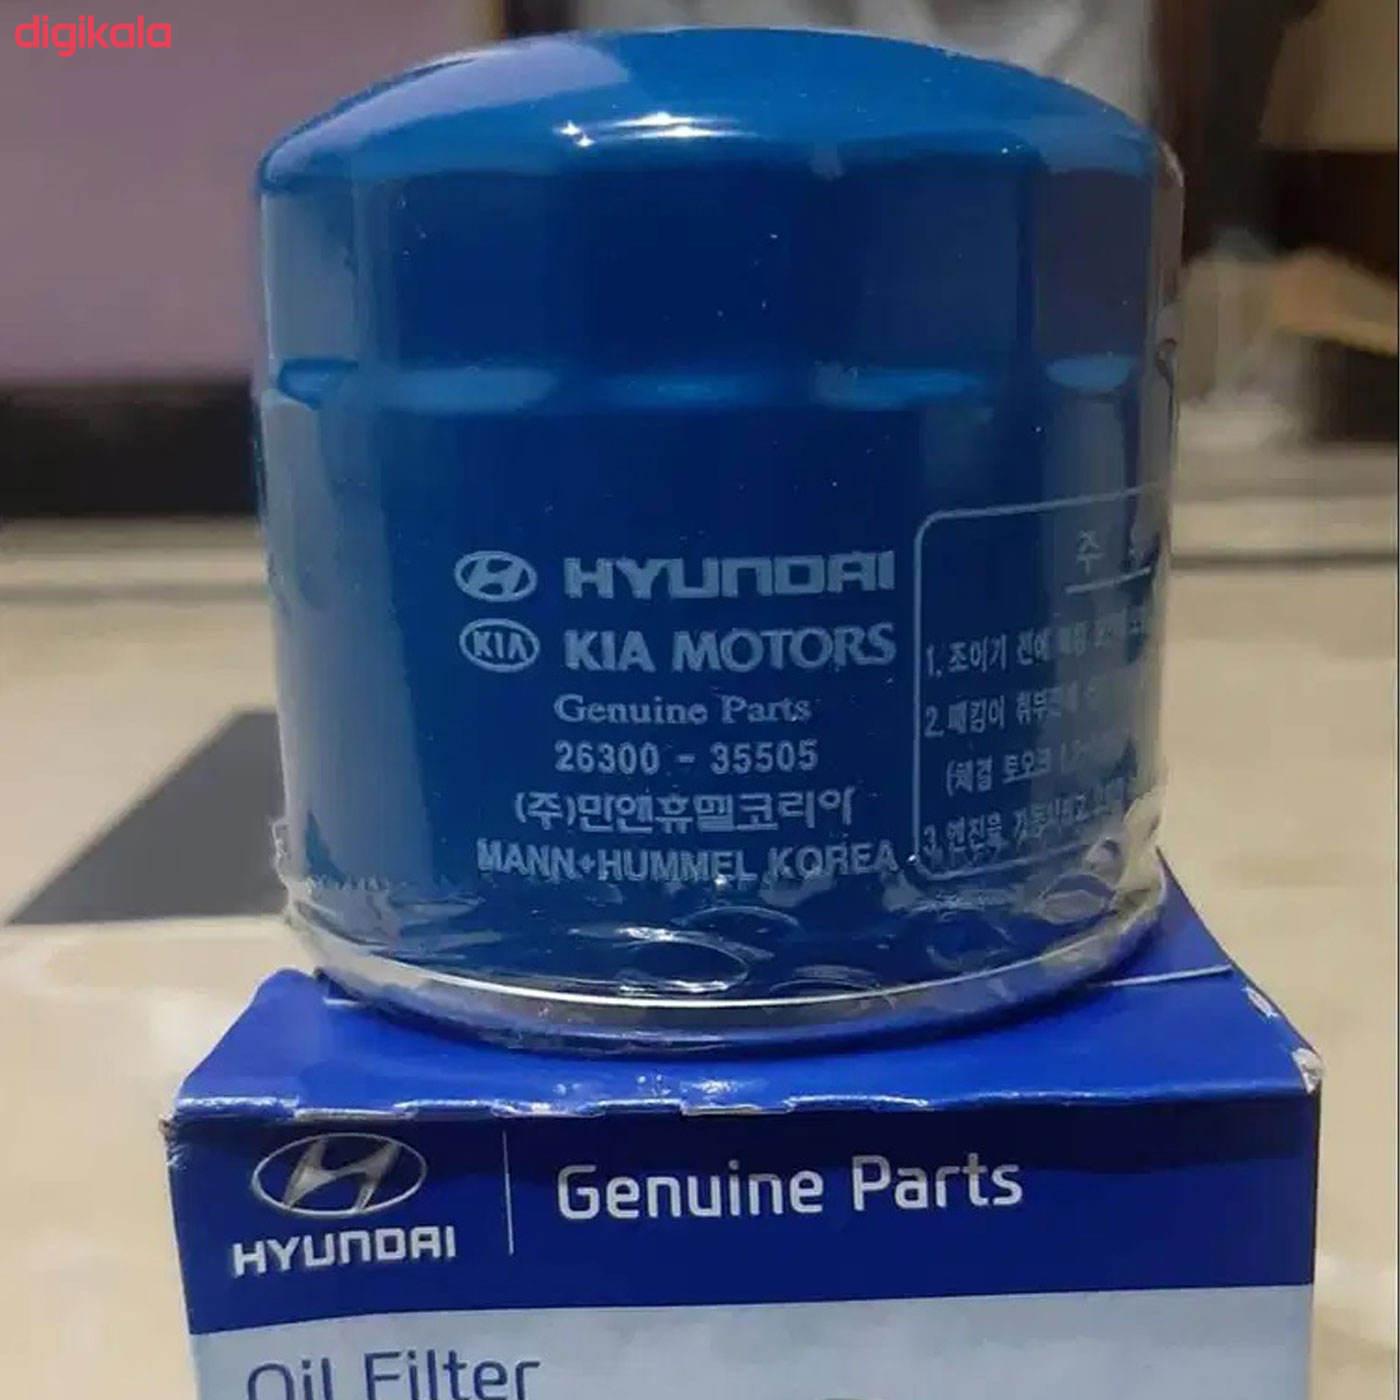 فیلتر روغن خودرو هیوندای جنیون پارتس مدل 35505 مناسب برای هیوندای  ix35 main 1 3